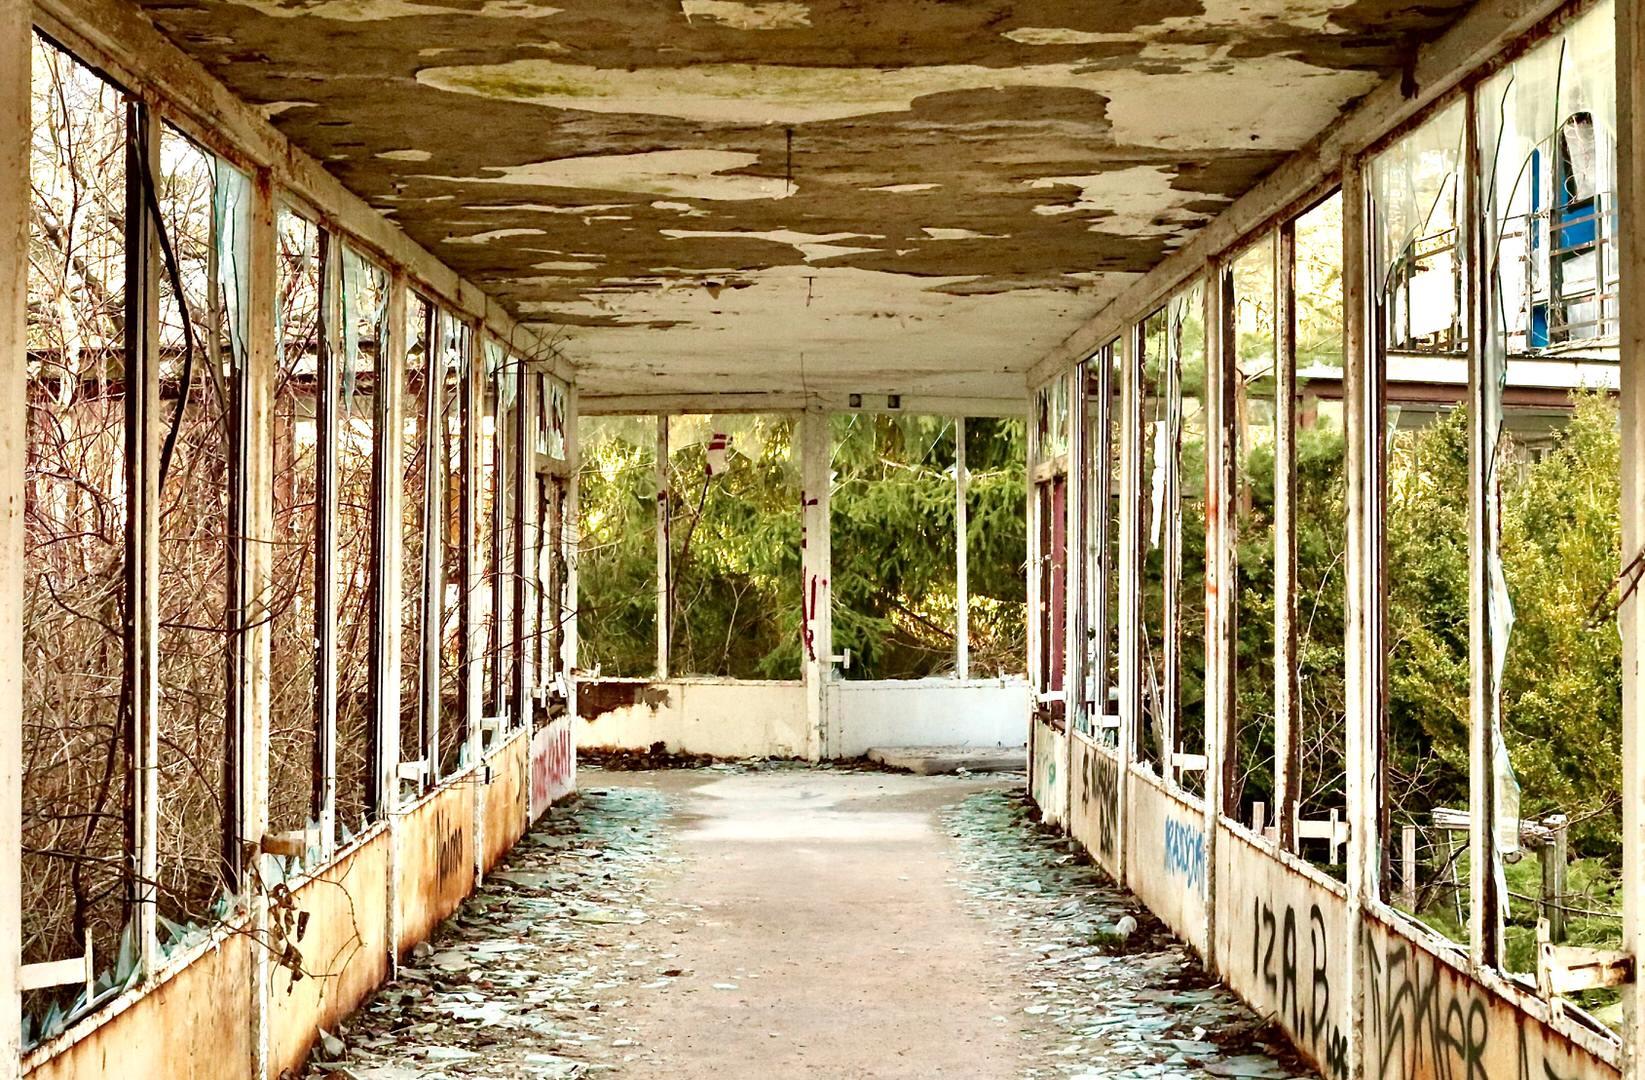 A corridor through an abandoned building